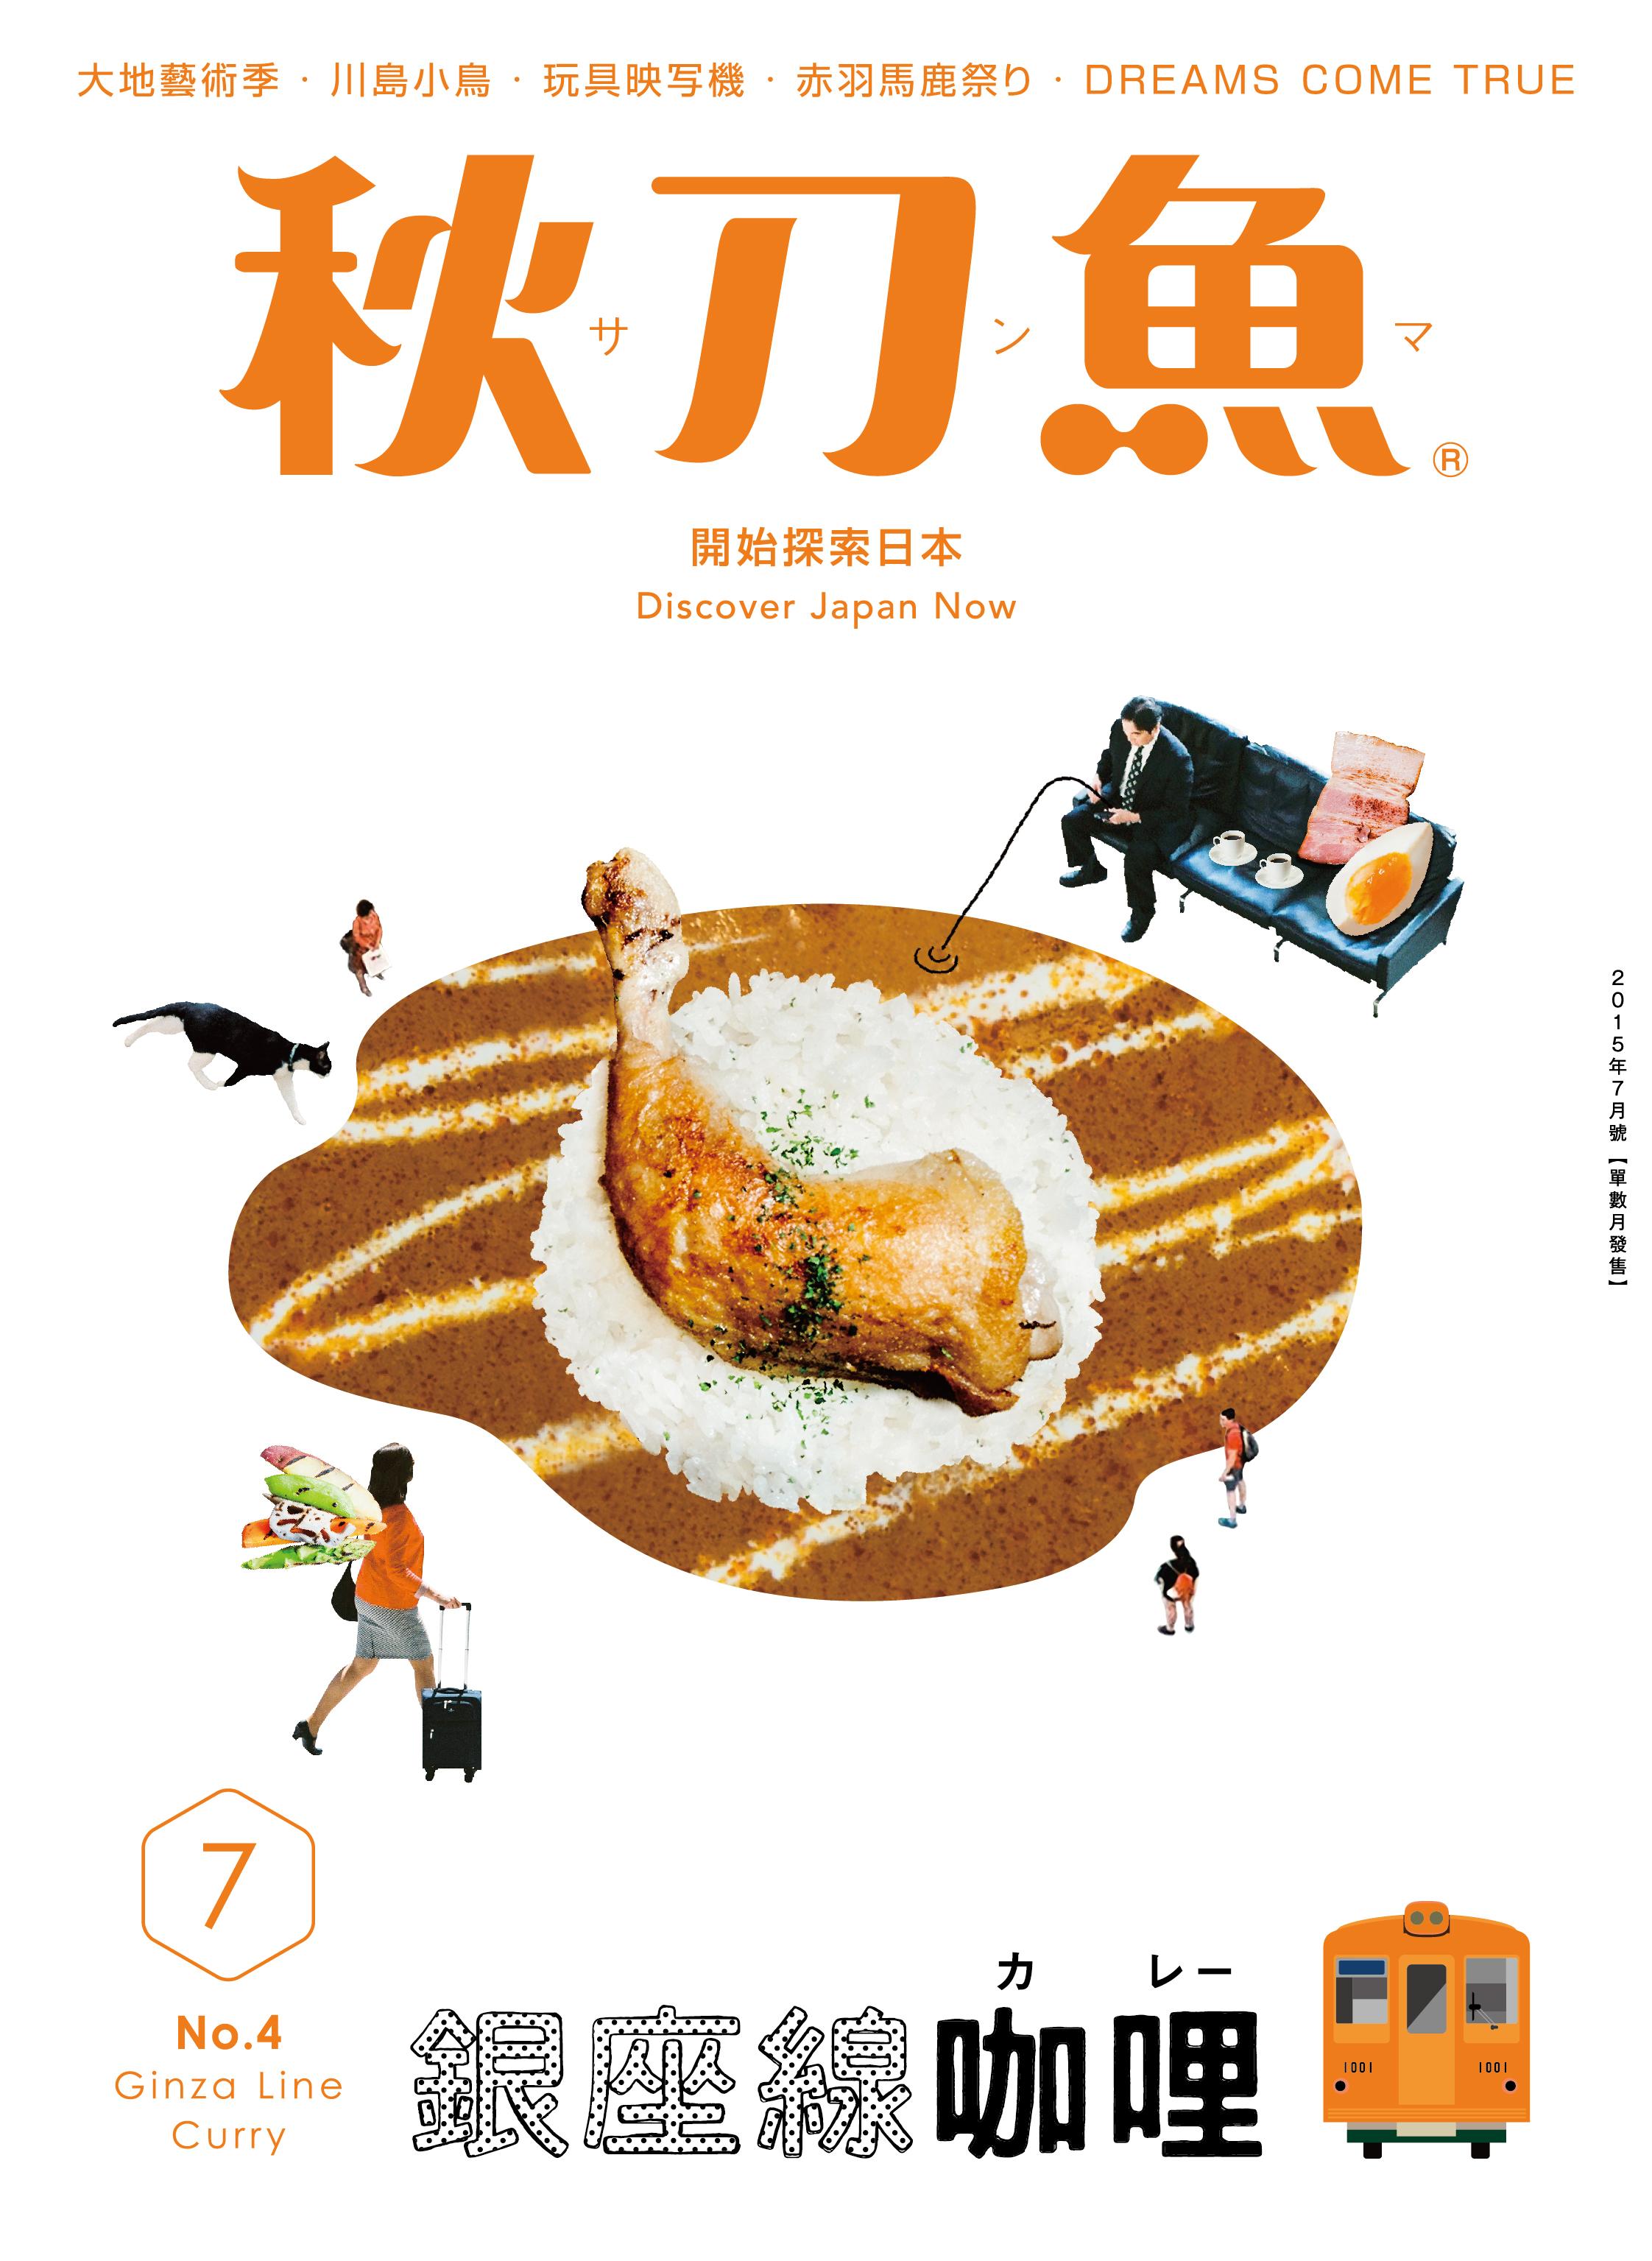 秋刀魚 第4期  〈銀座線咖哩〉   在庫  ﹥20